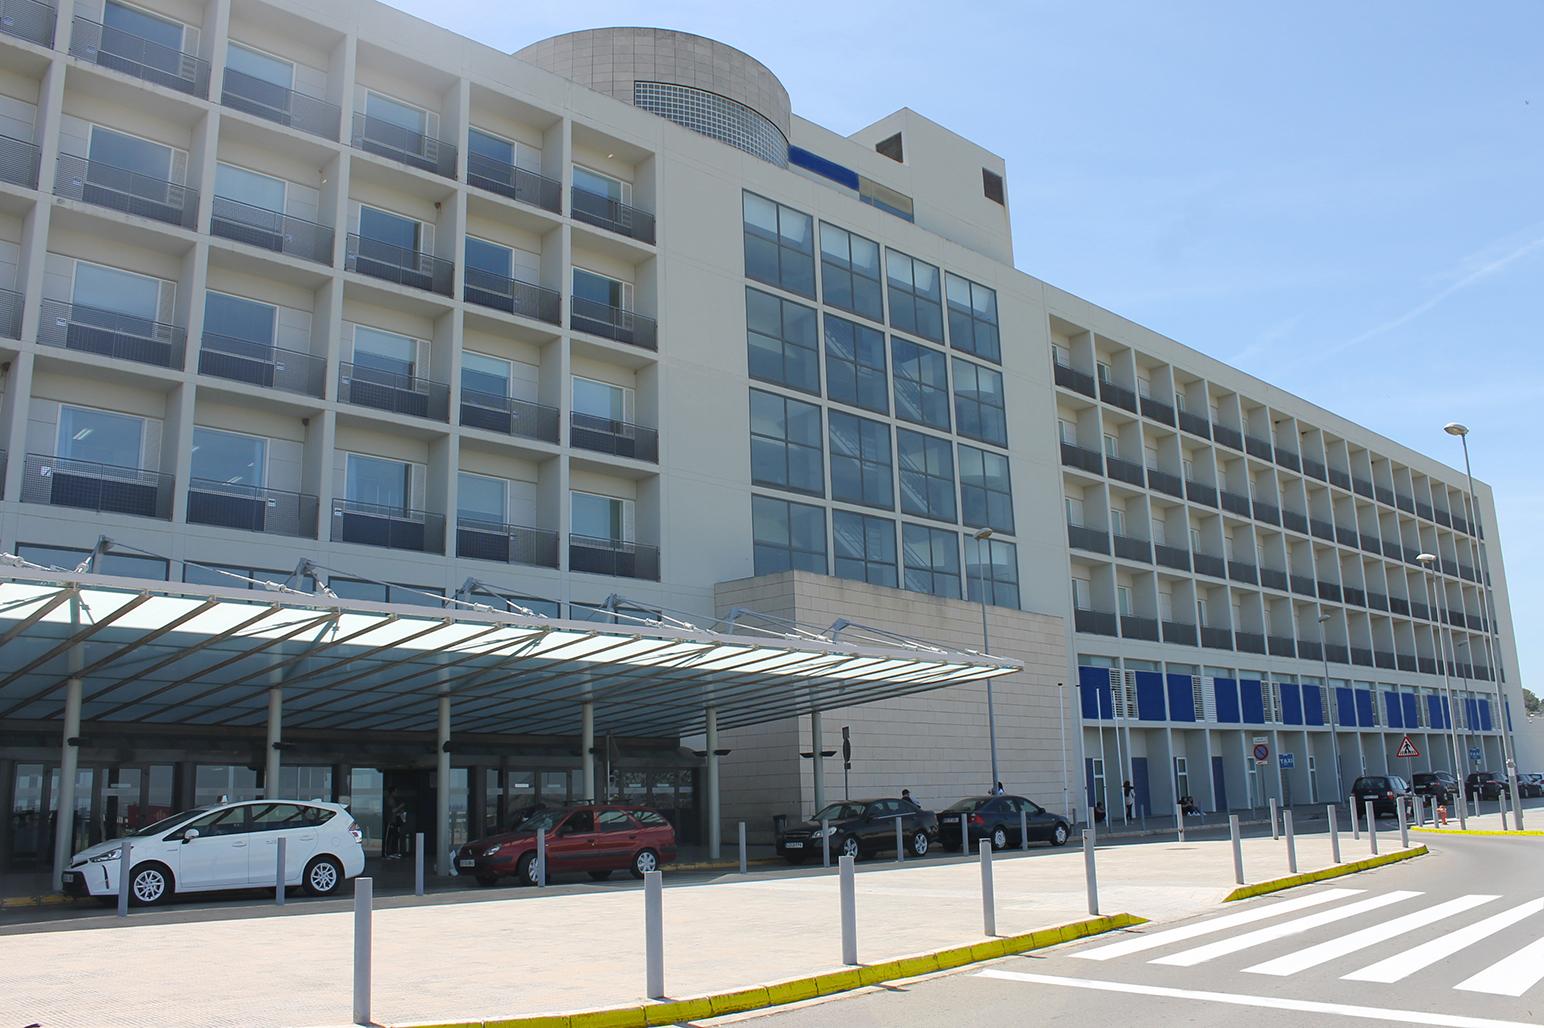 La Unitat de Marcapassos de l'Hospital de la Ribera obté la màxima acreditació de la Societat Espanyola de Medicina Intensiva